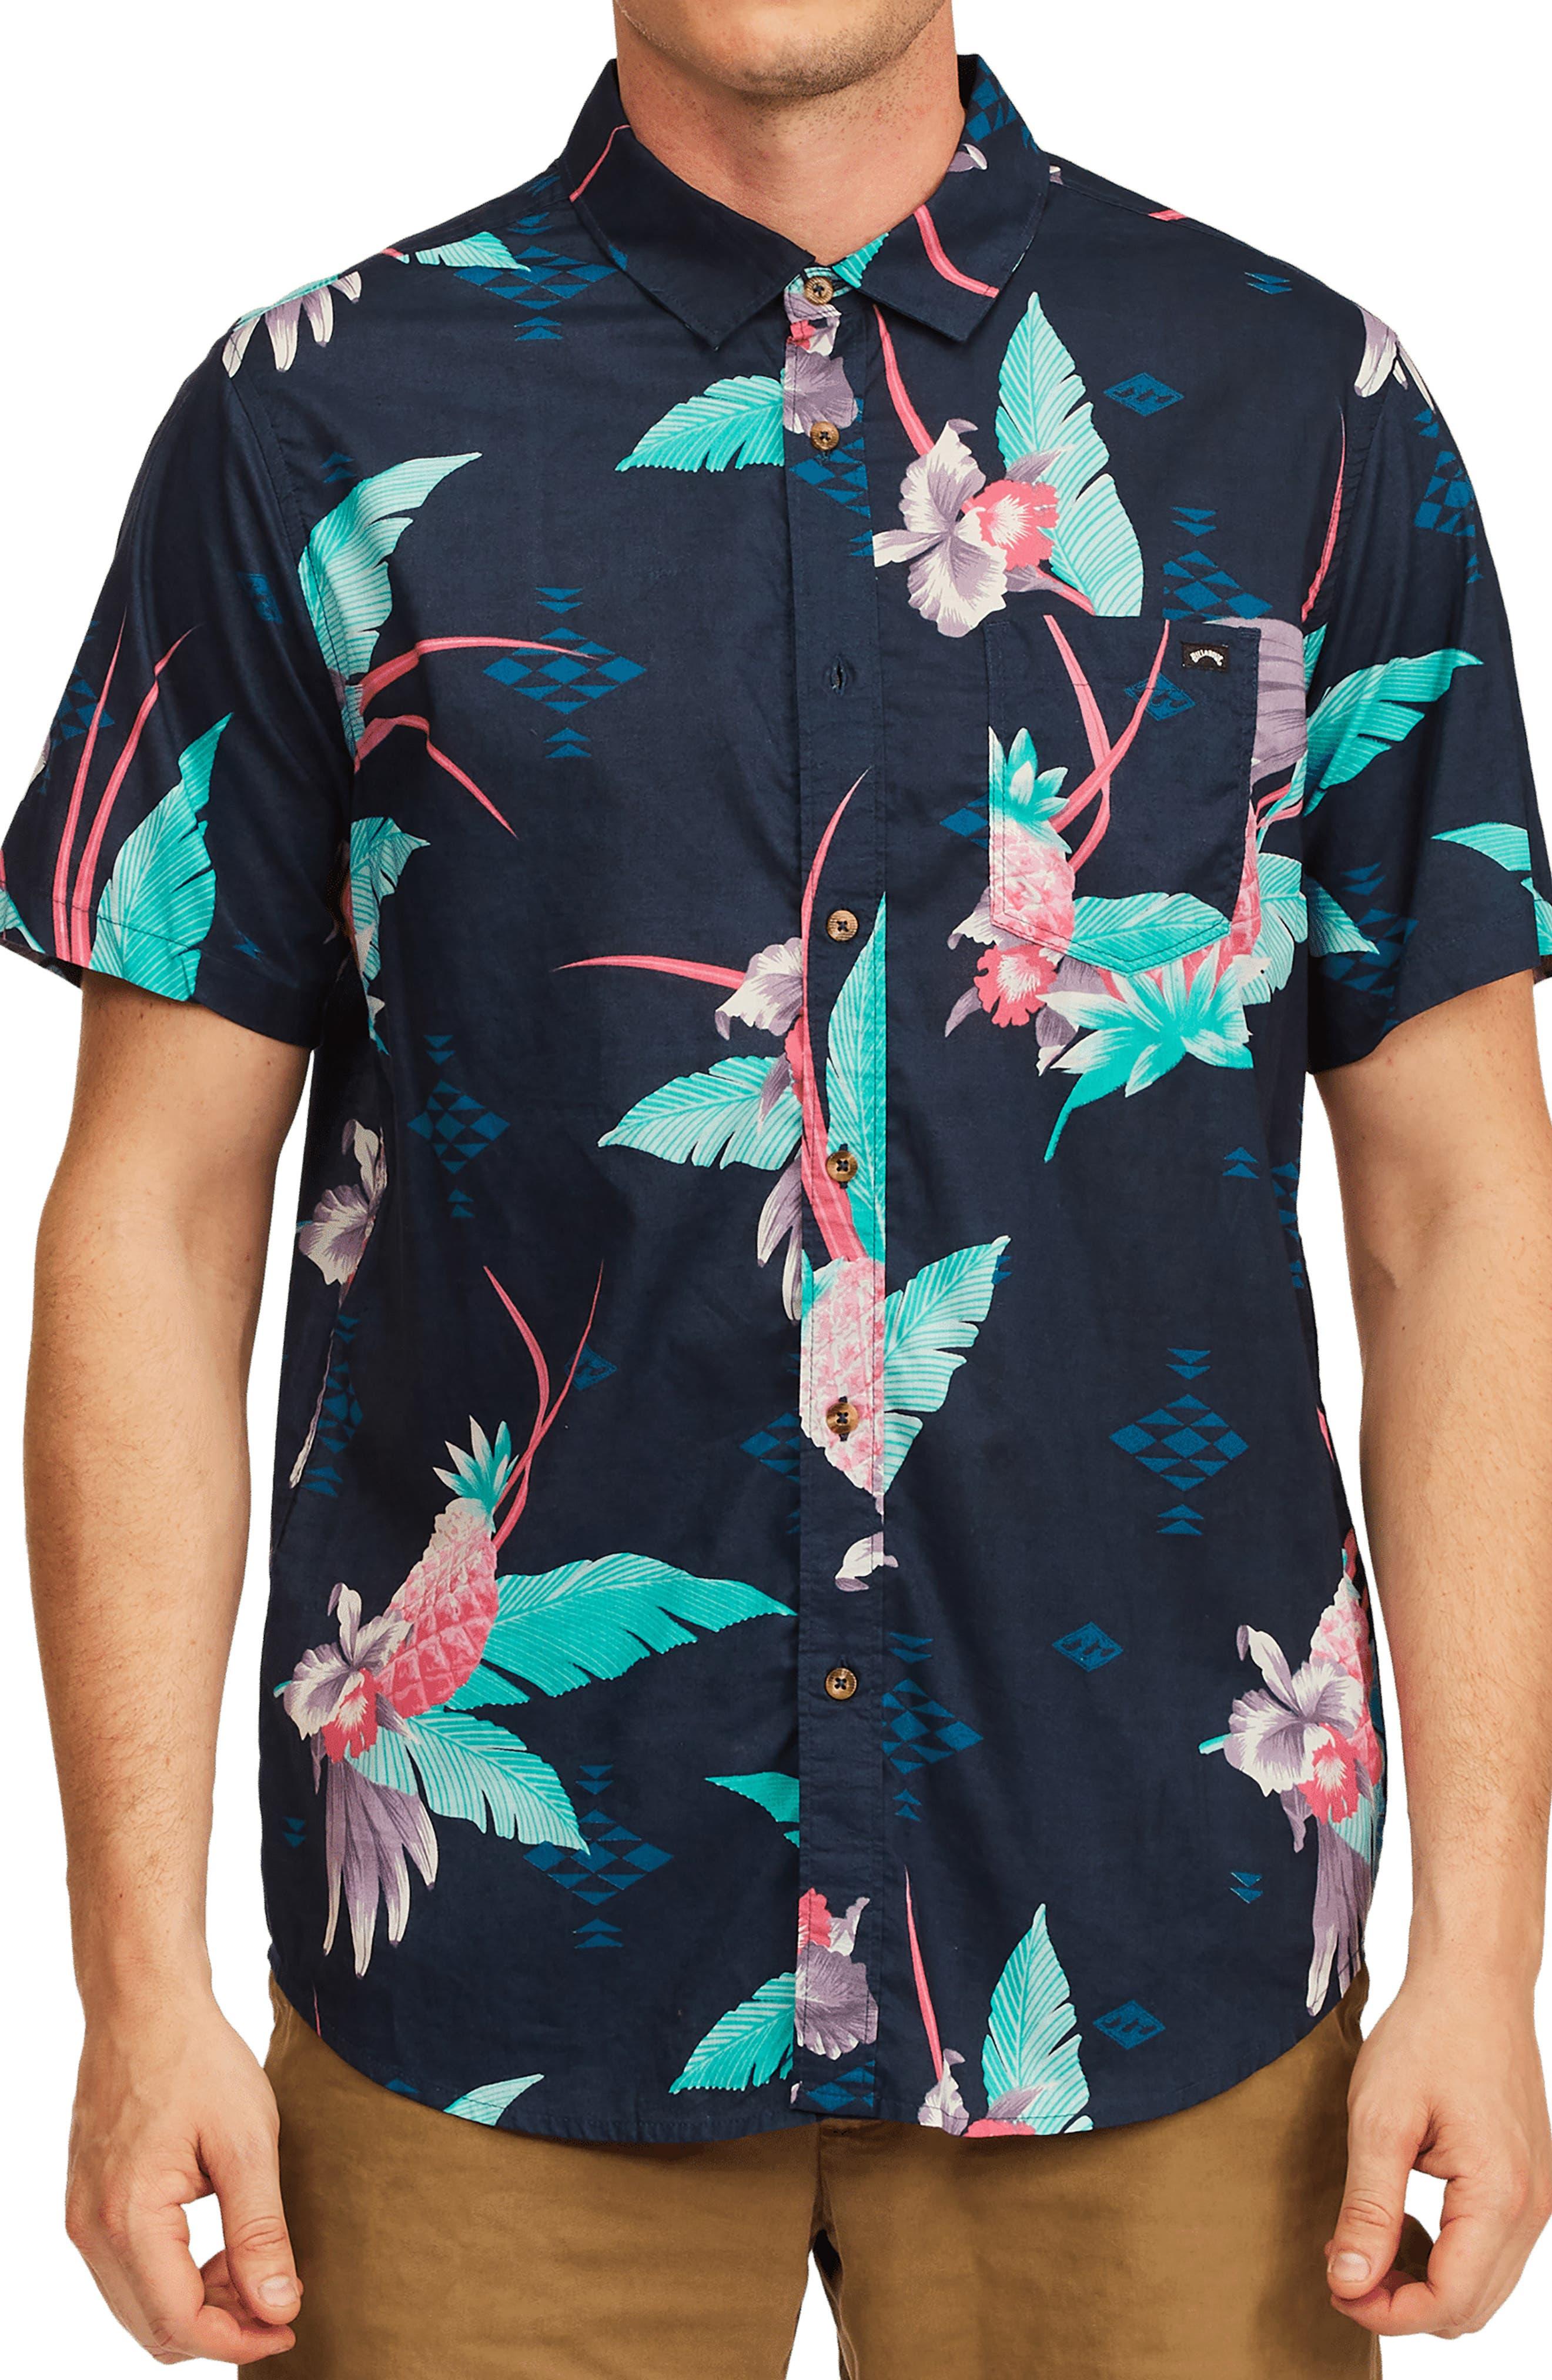 Men's Sundays Floral Short Sleeve Button-Up Shirt